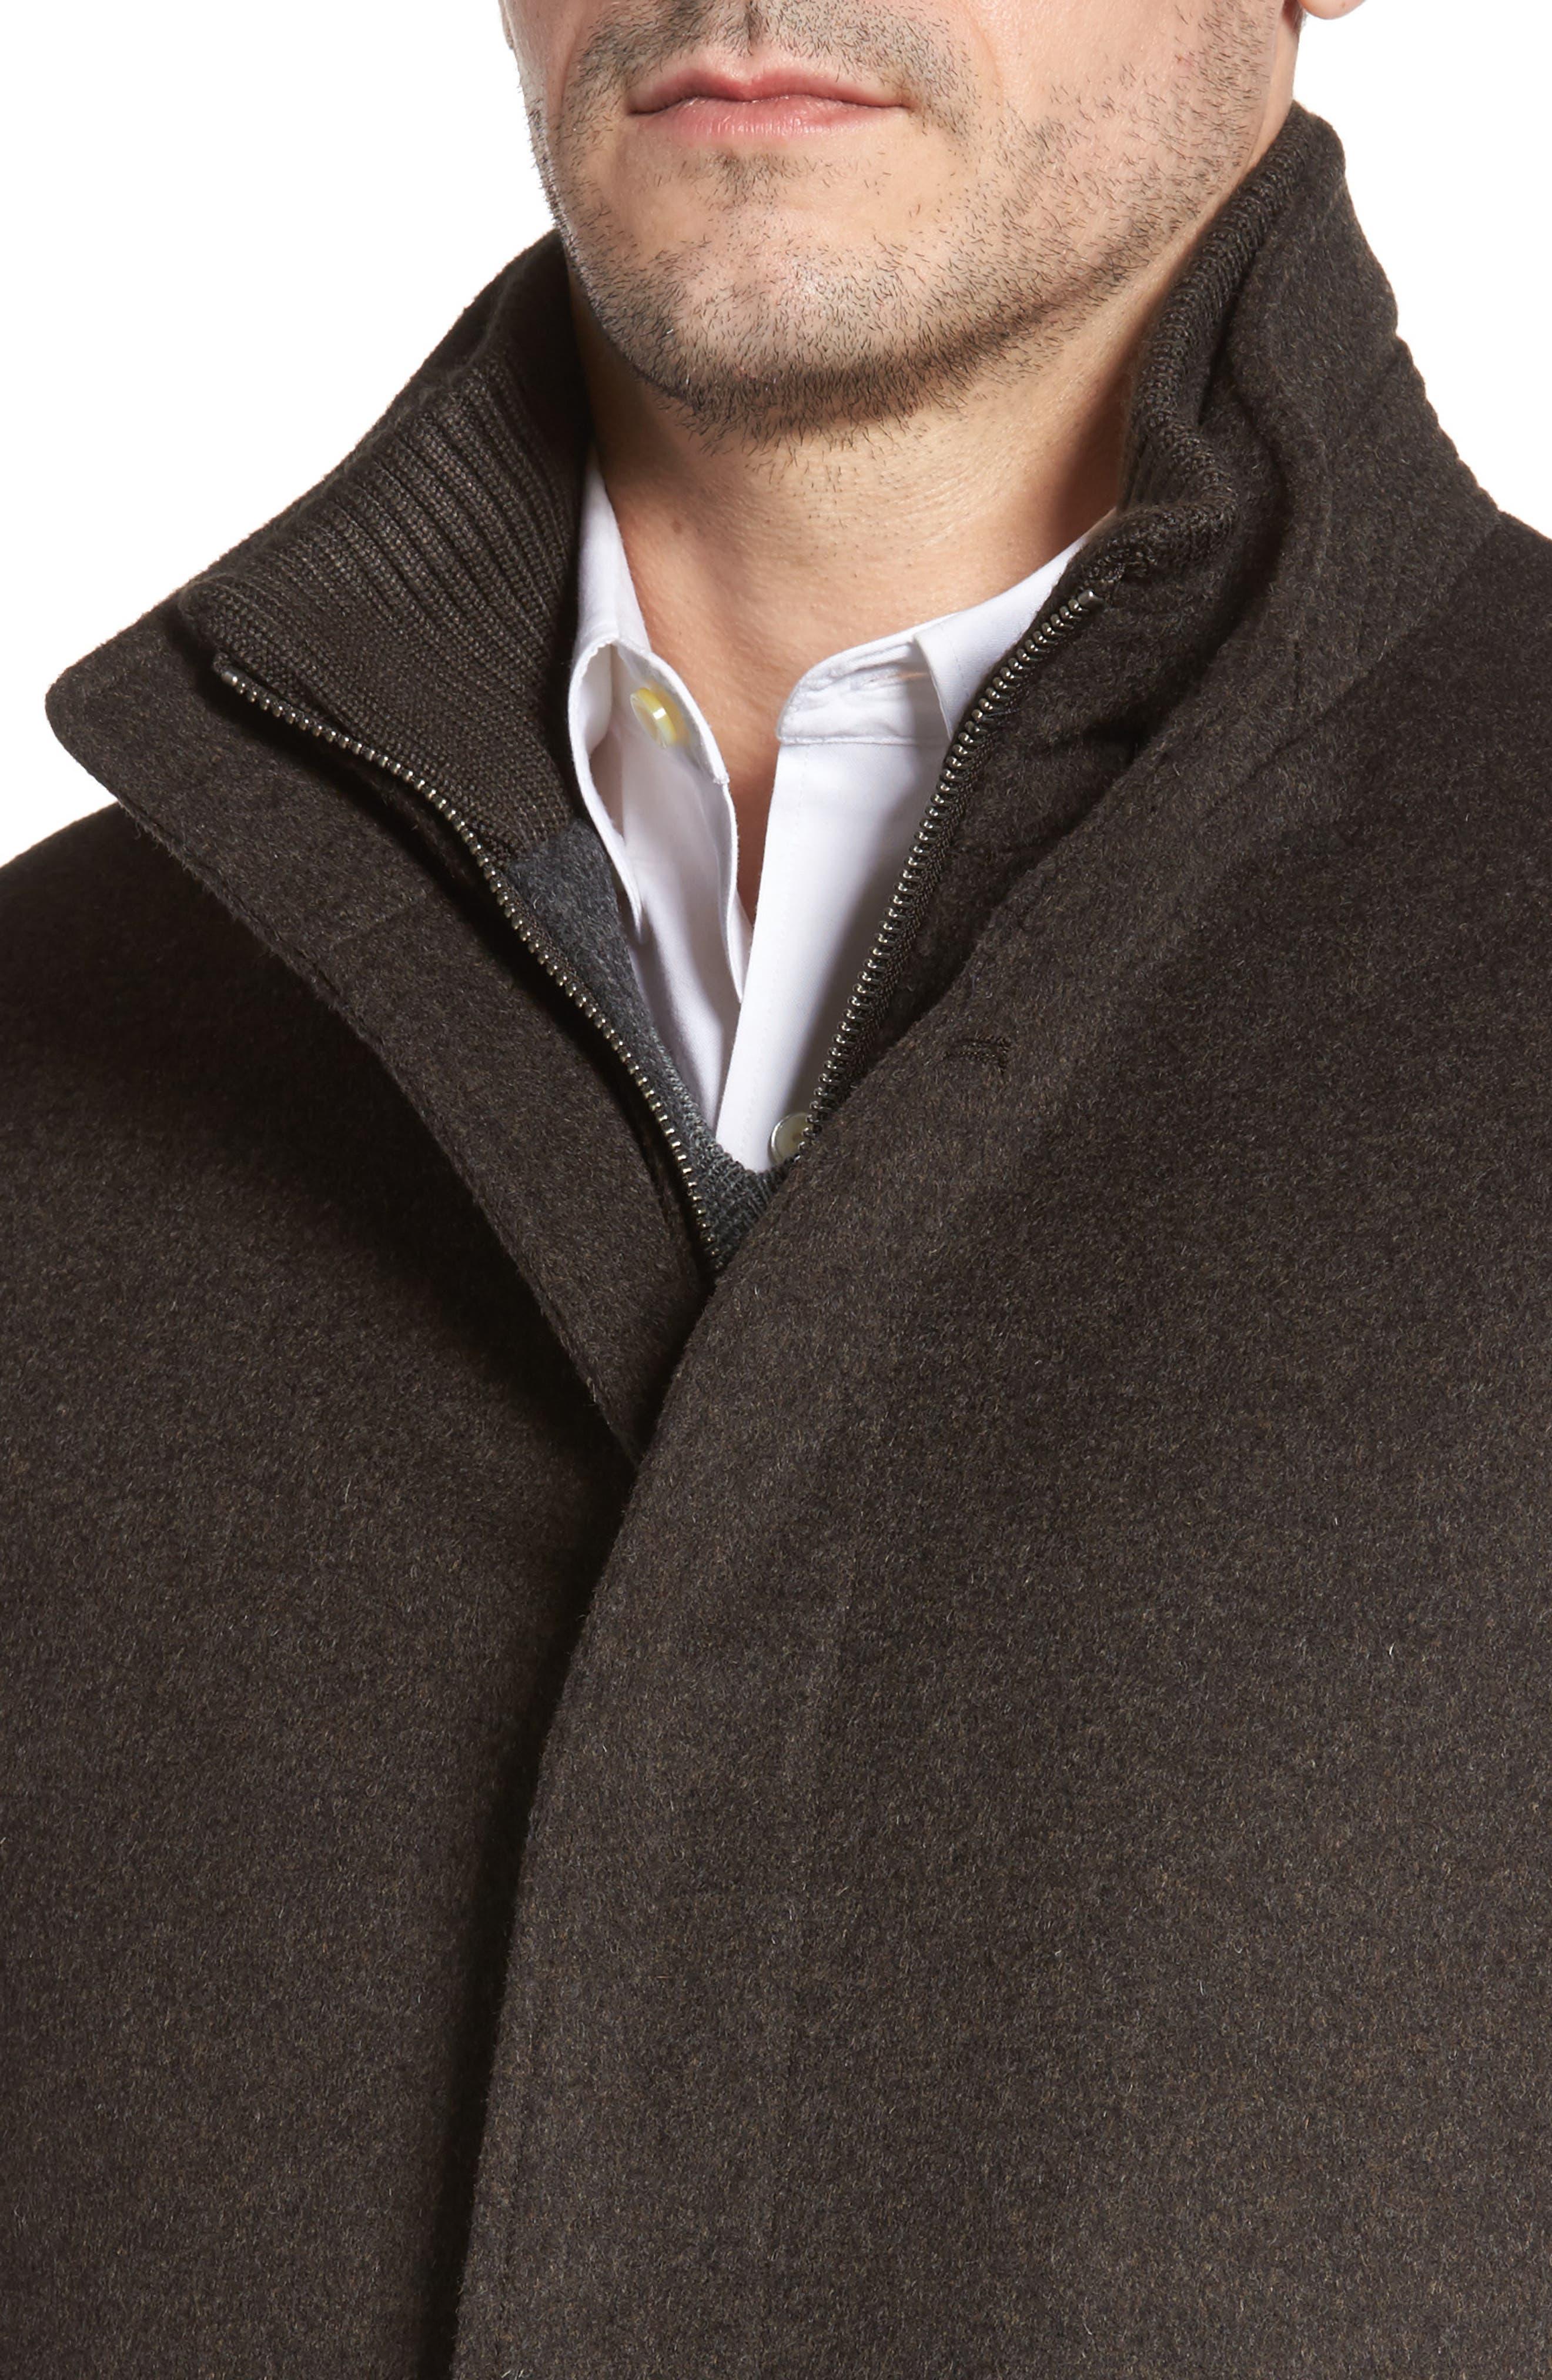 Wool Jacket,                             Alternate thumbnail 4, color,                             Brown Melange